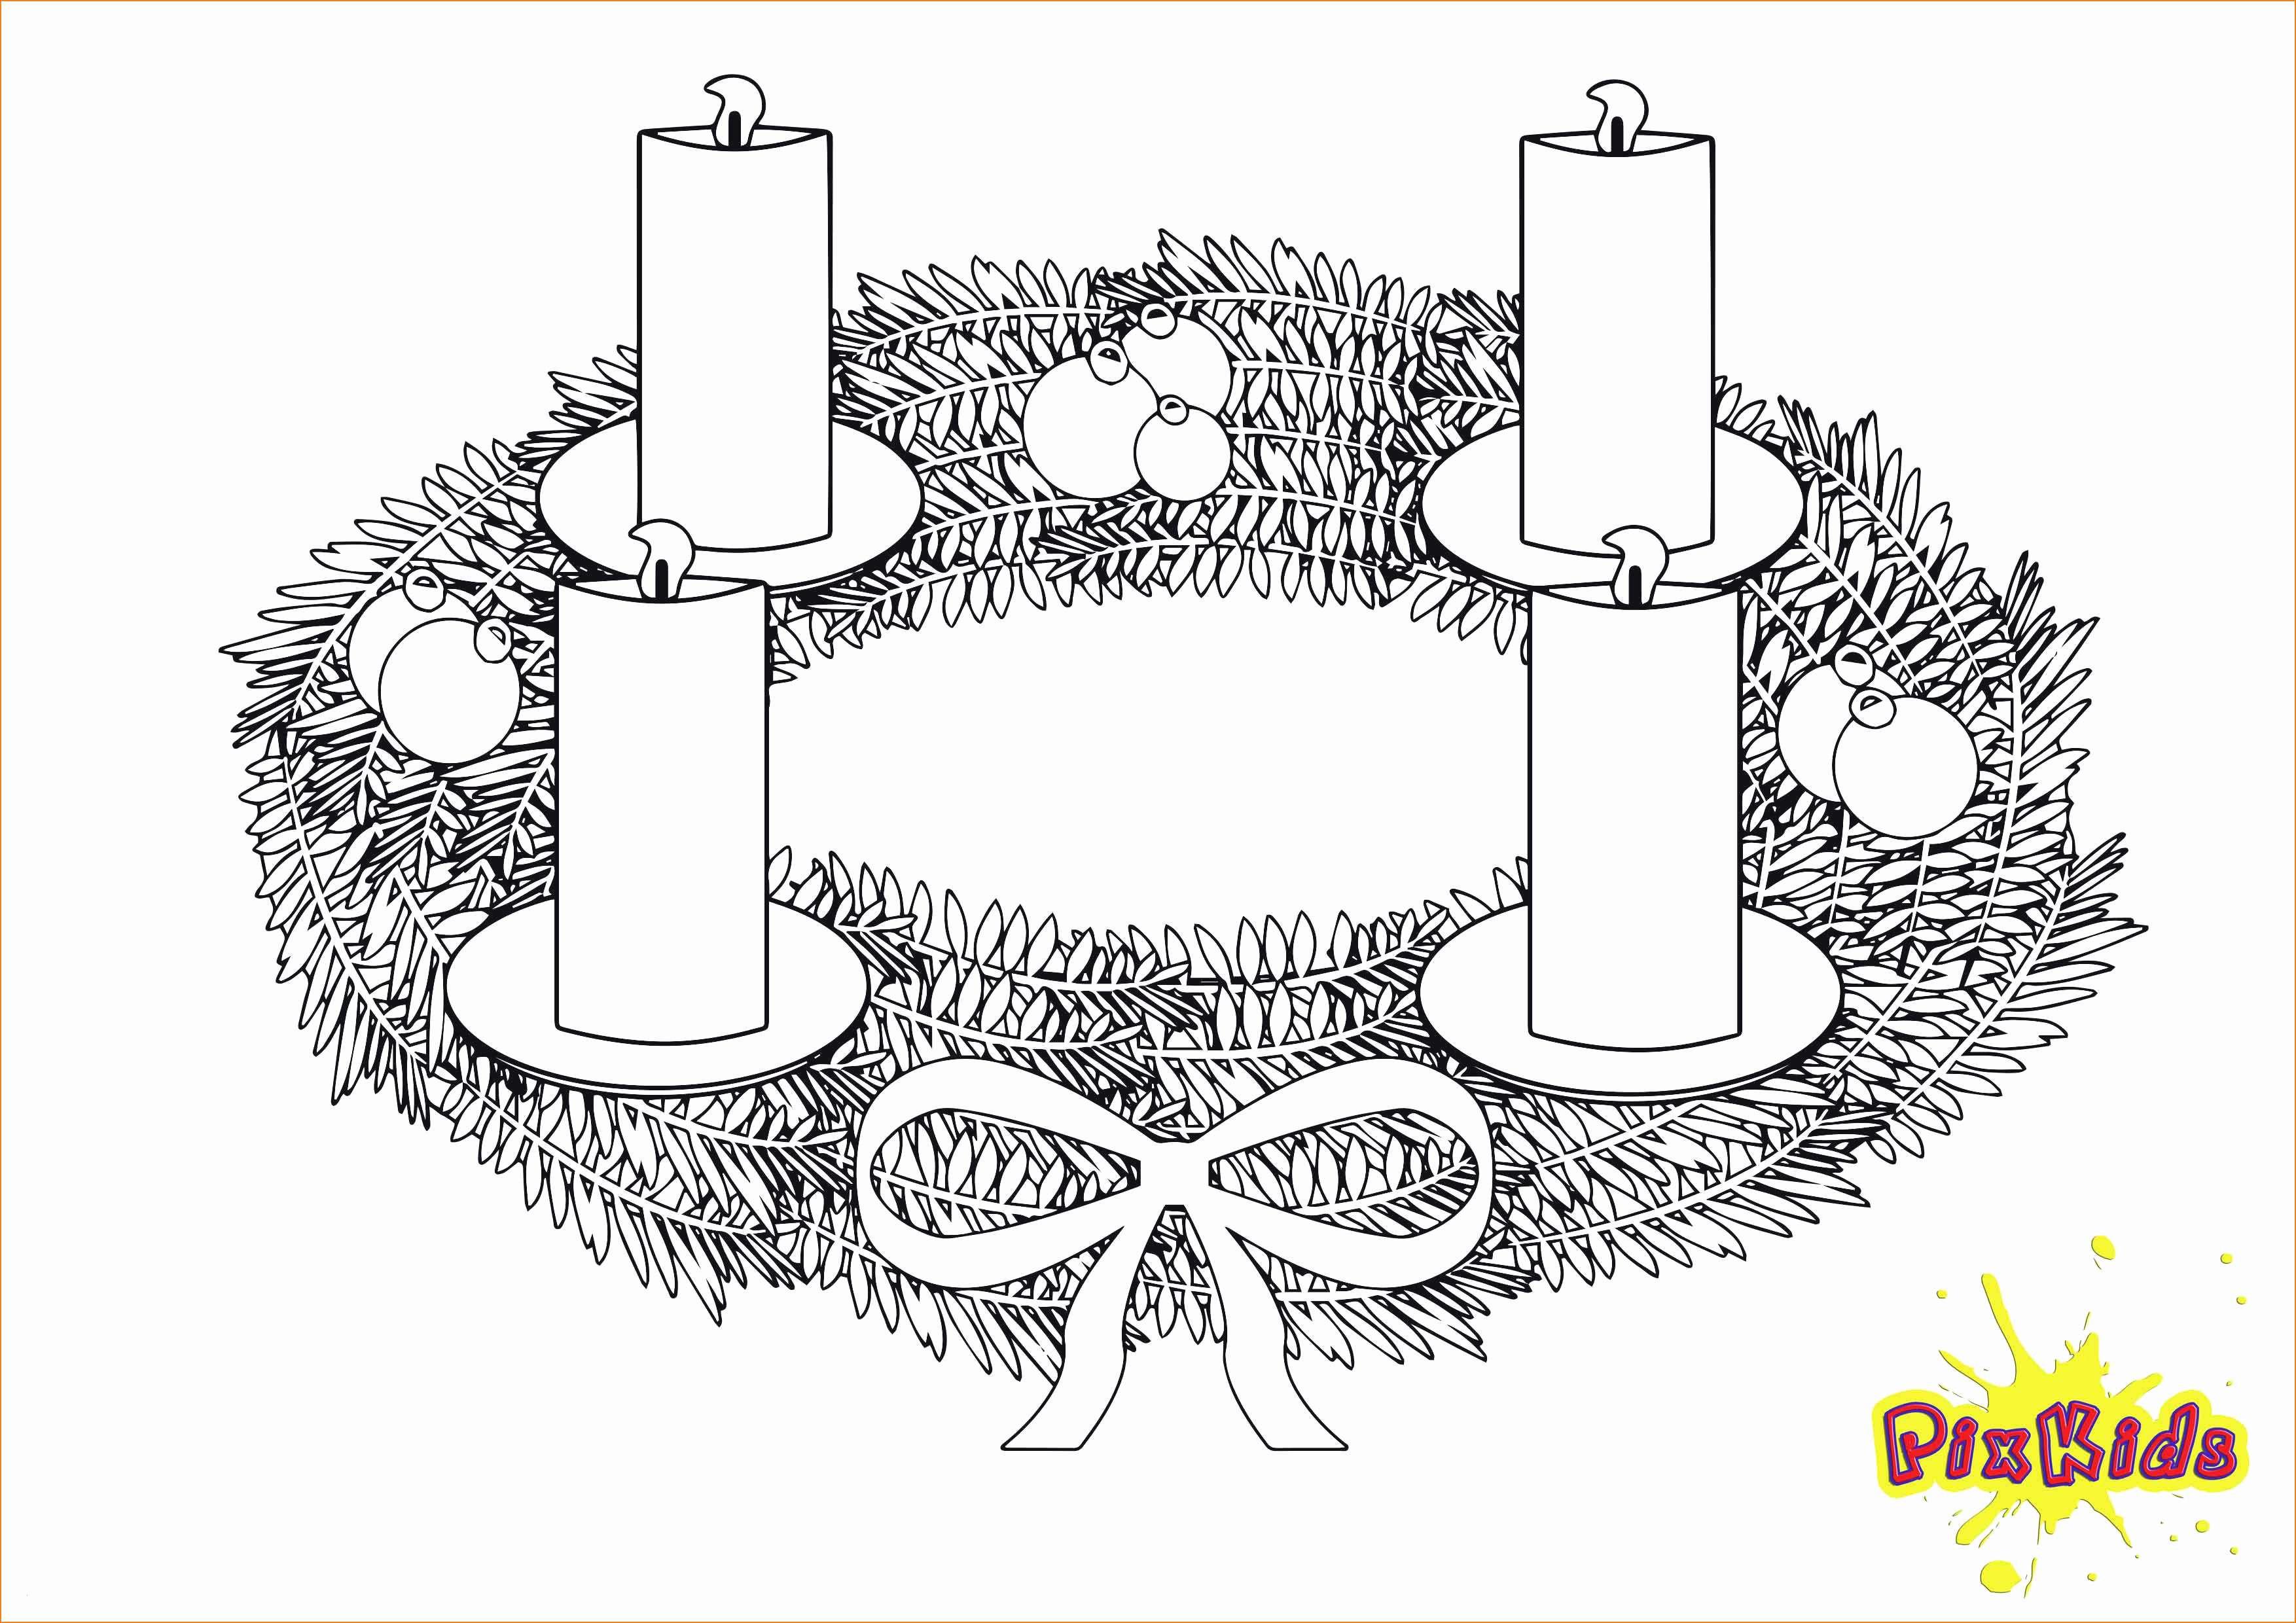 Ausmalbild Weihnachten Engel Genial Malvorlagen Weihnachten Engel Schön 26 Bilder Weihnachtsmotive Zum Sammlung